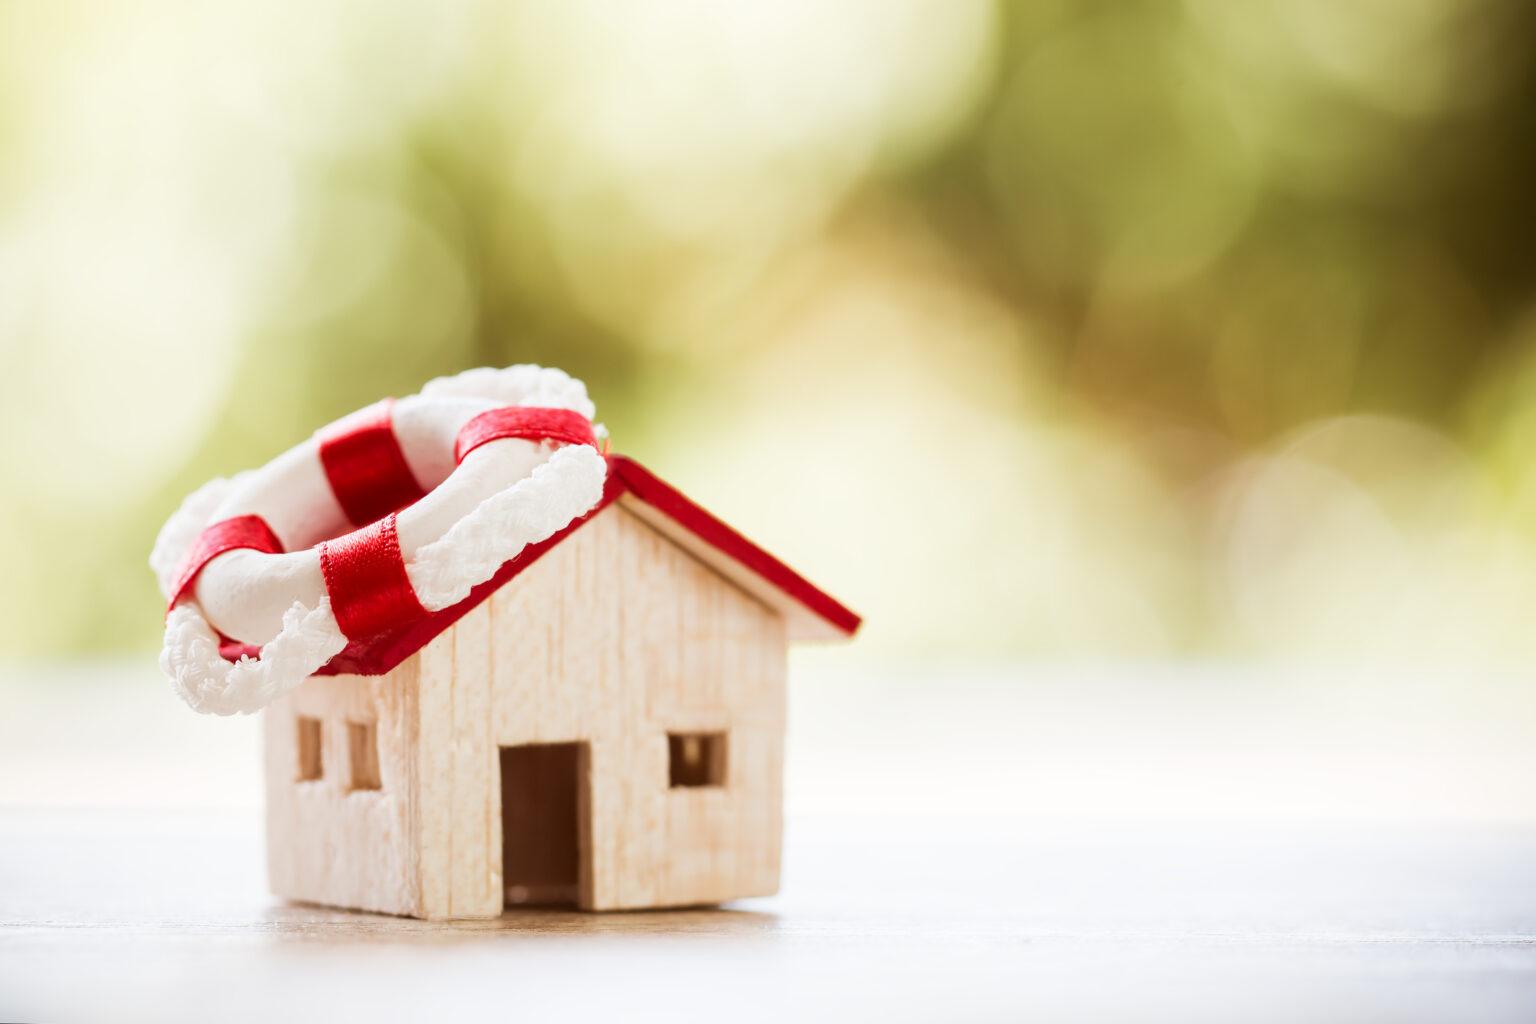 Ein kleines Haus mit einem Rettungsring